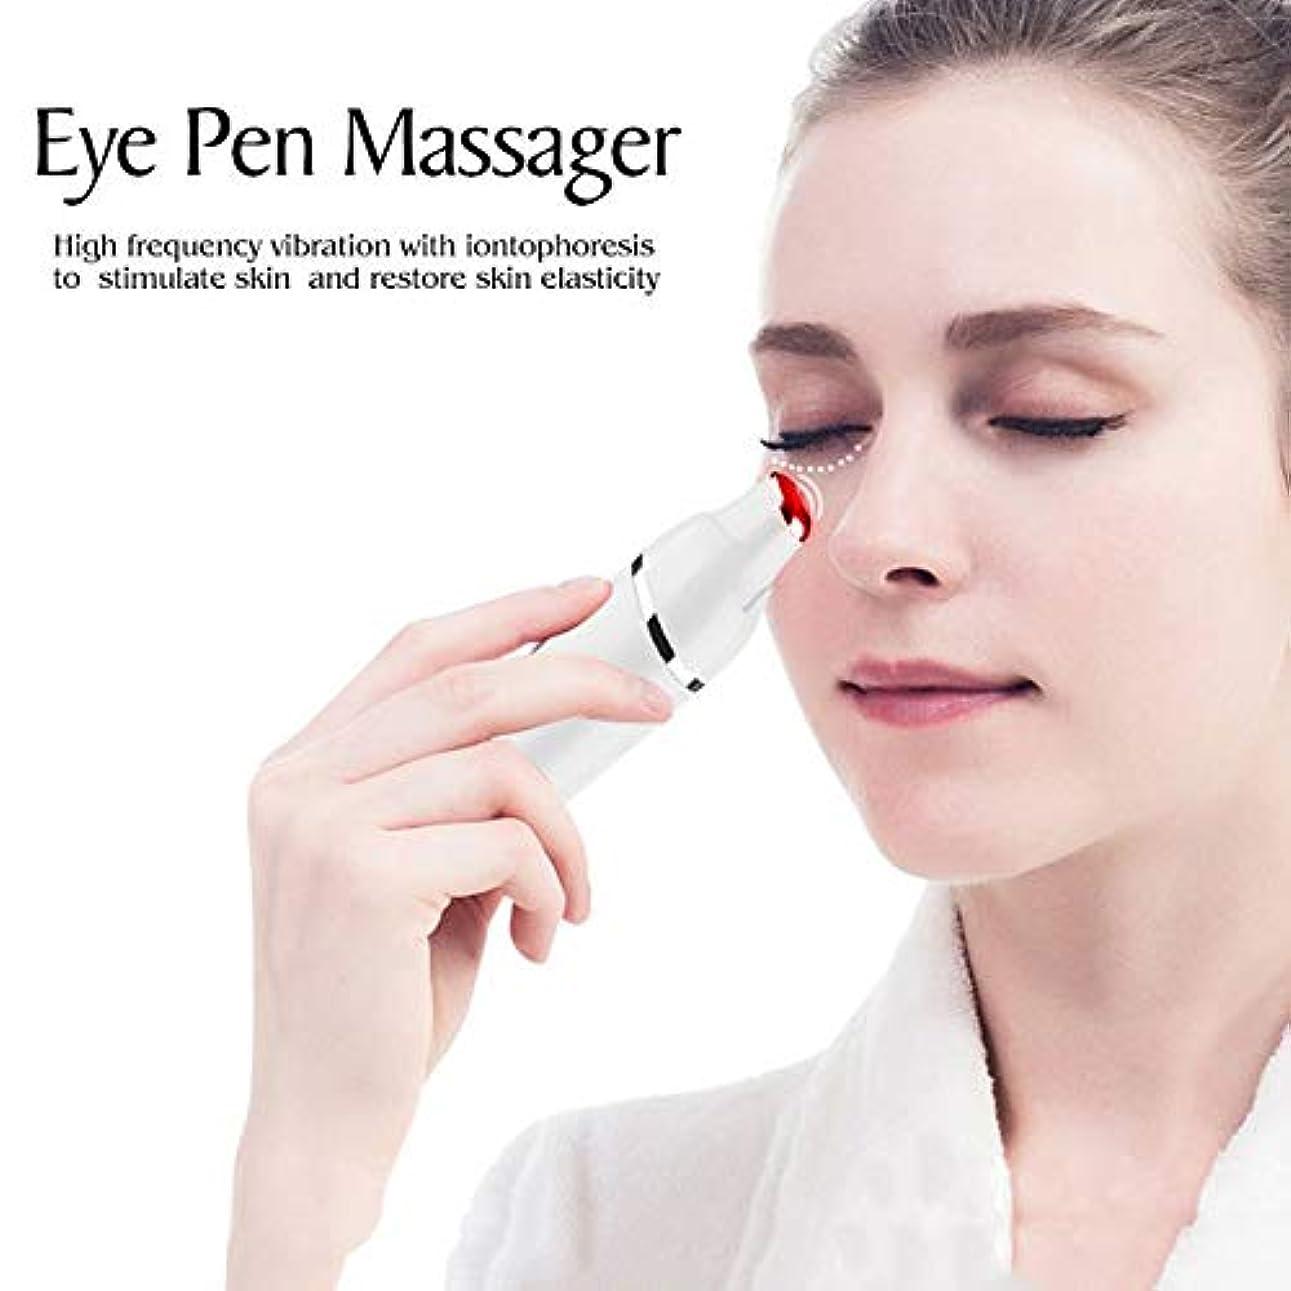 リスクマノミ冬ソニックアイマッサージャー、目の疲れのための42℃加熱治療用ワンド、アイクリームを効果的に促進するためのアニオンの輸入